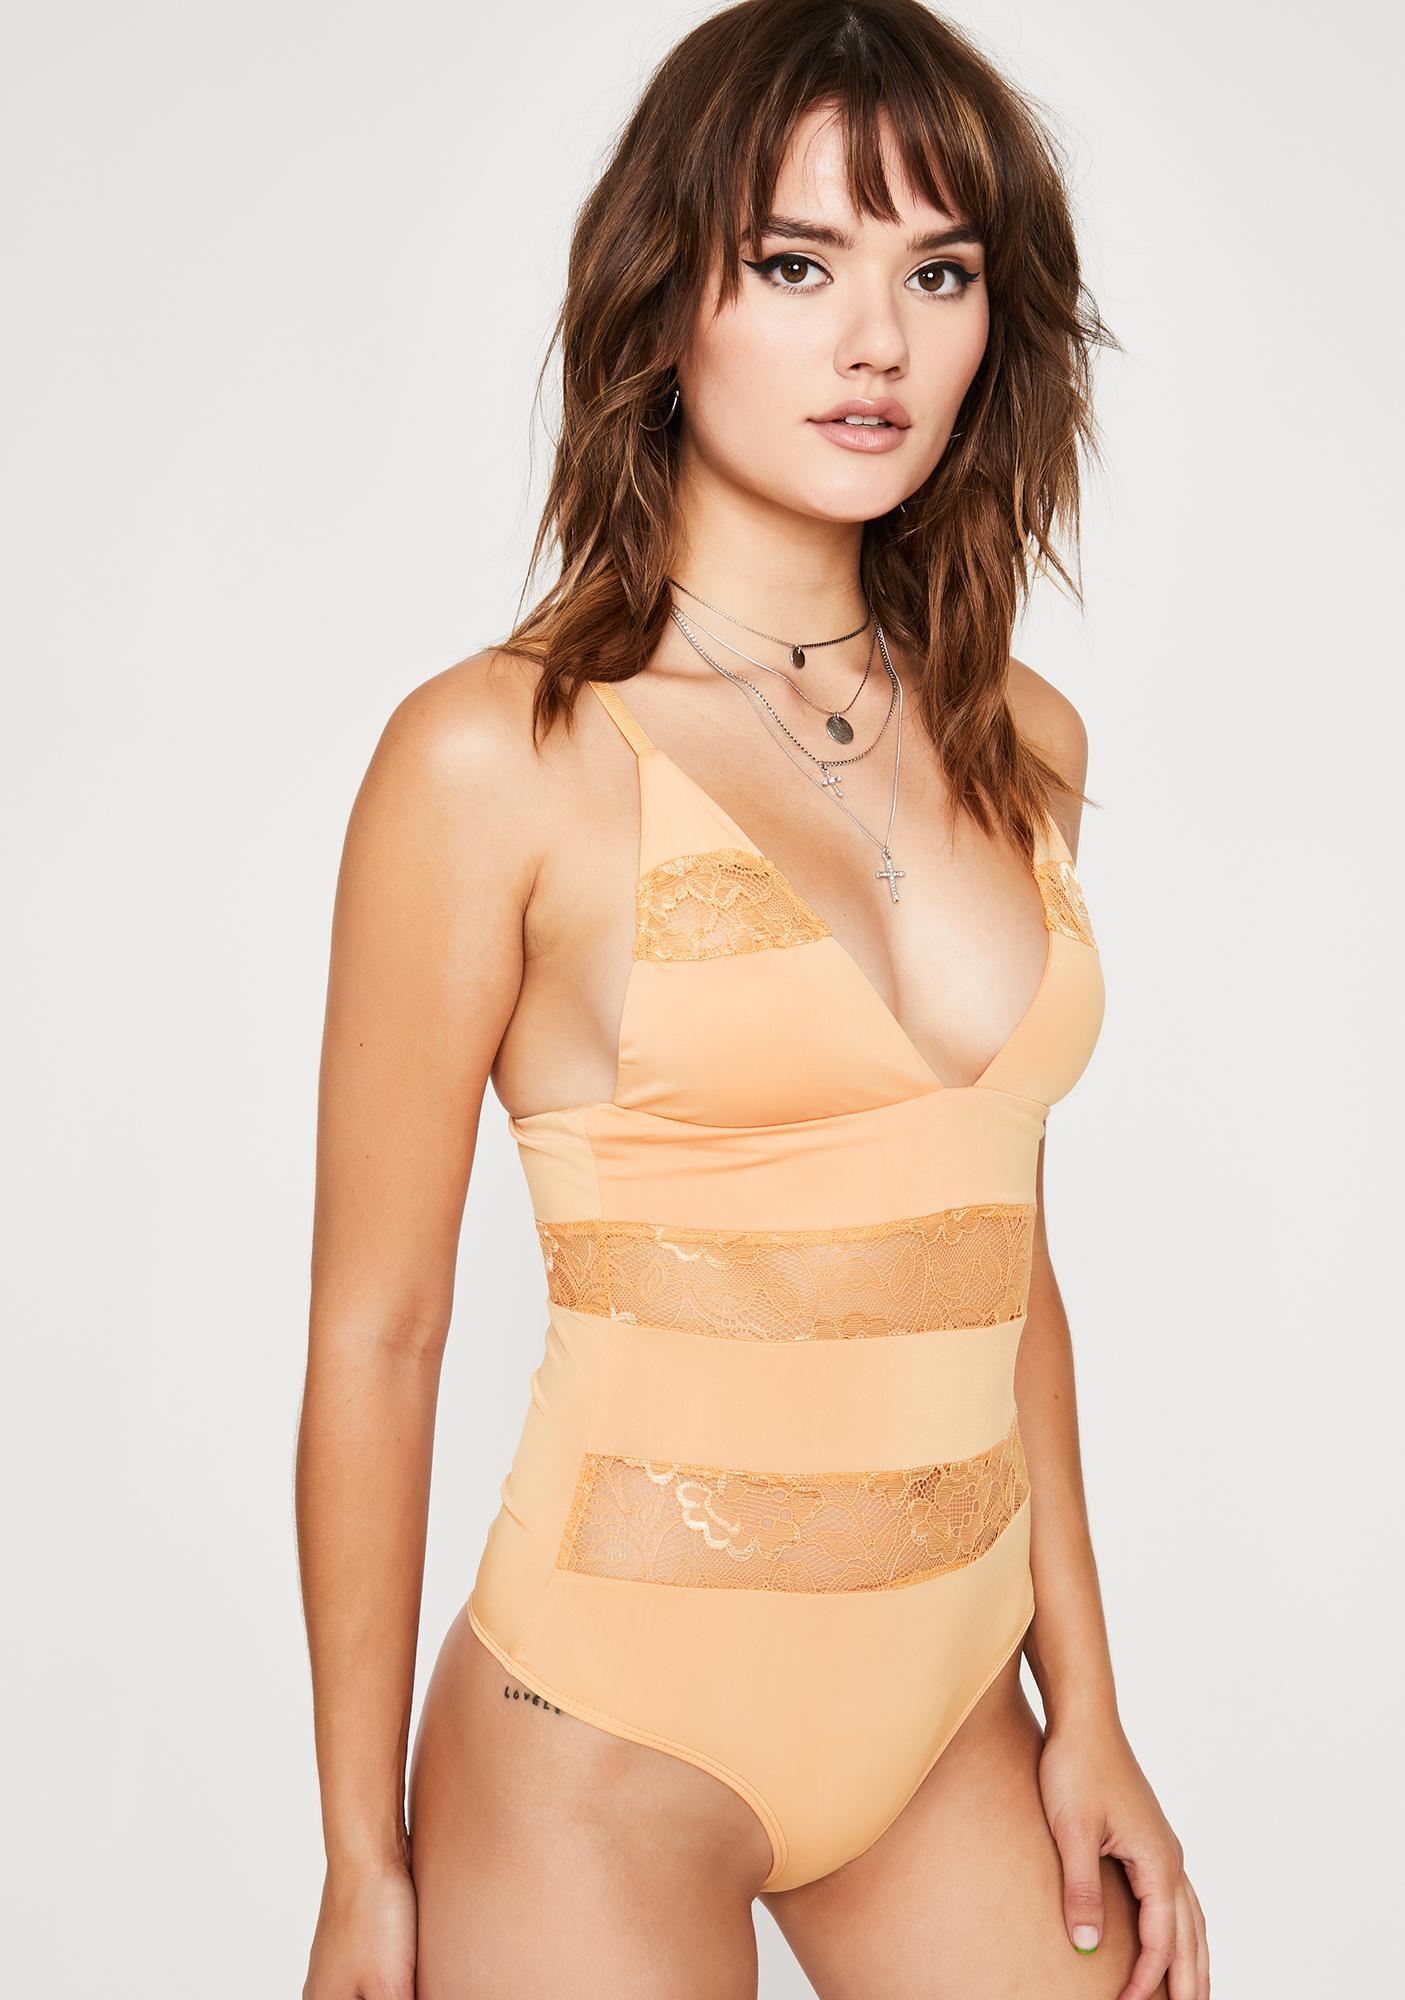 Juicy Parental Guidance Lace Bodysuit